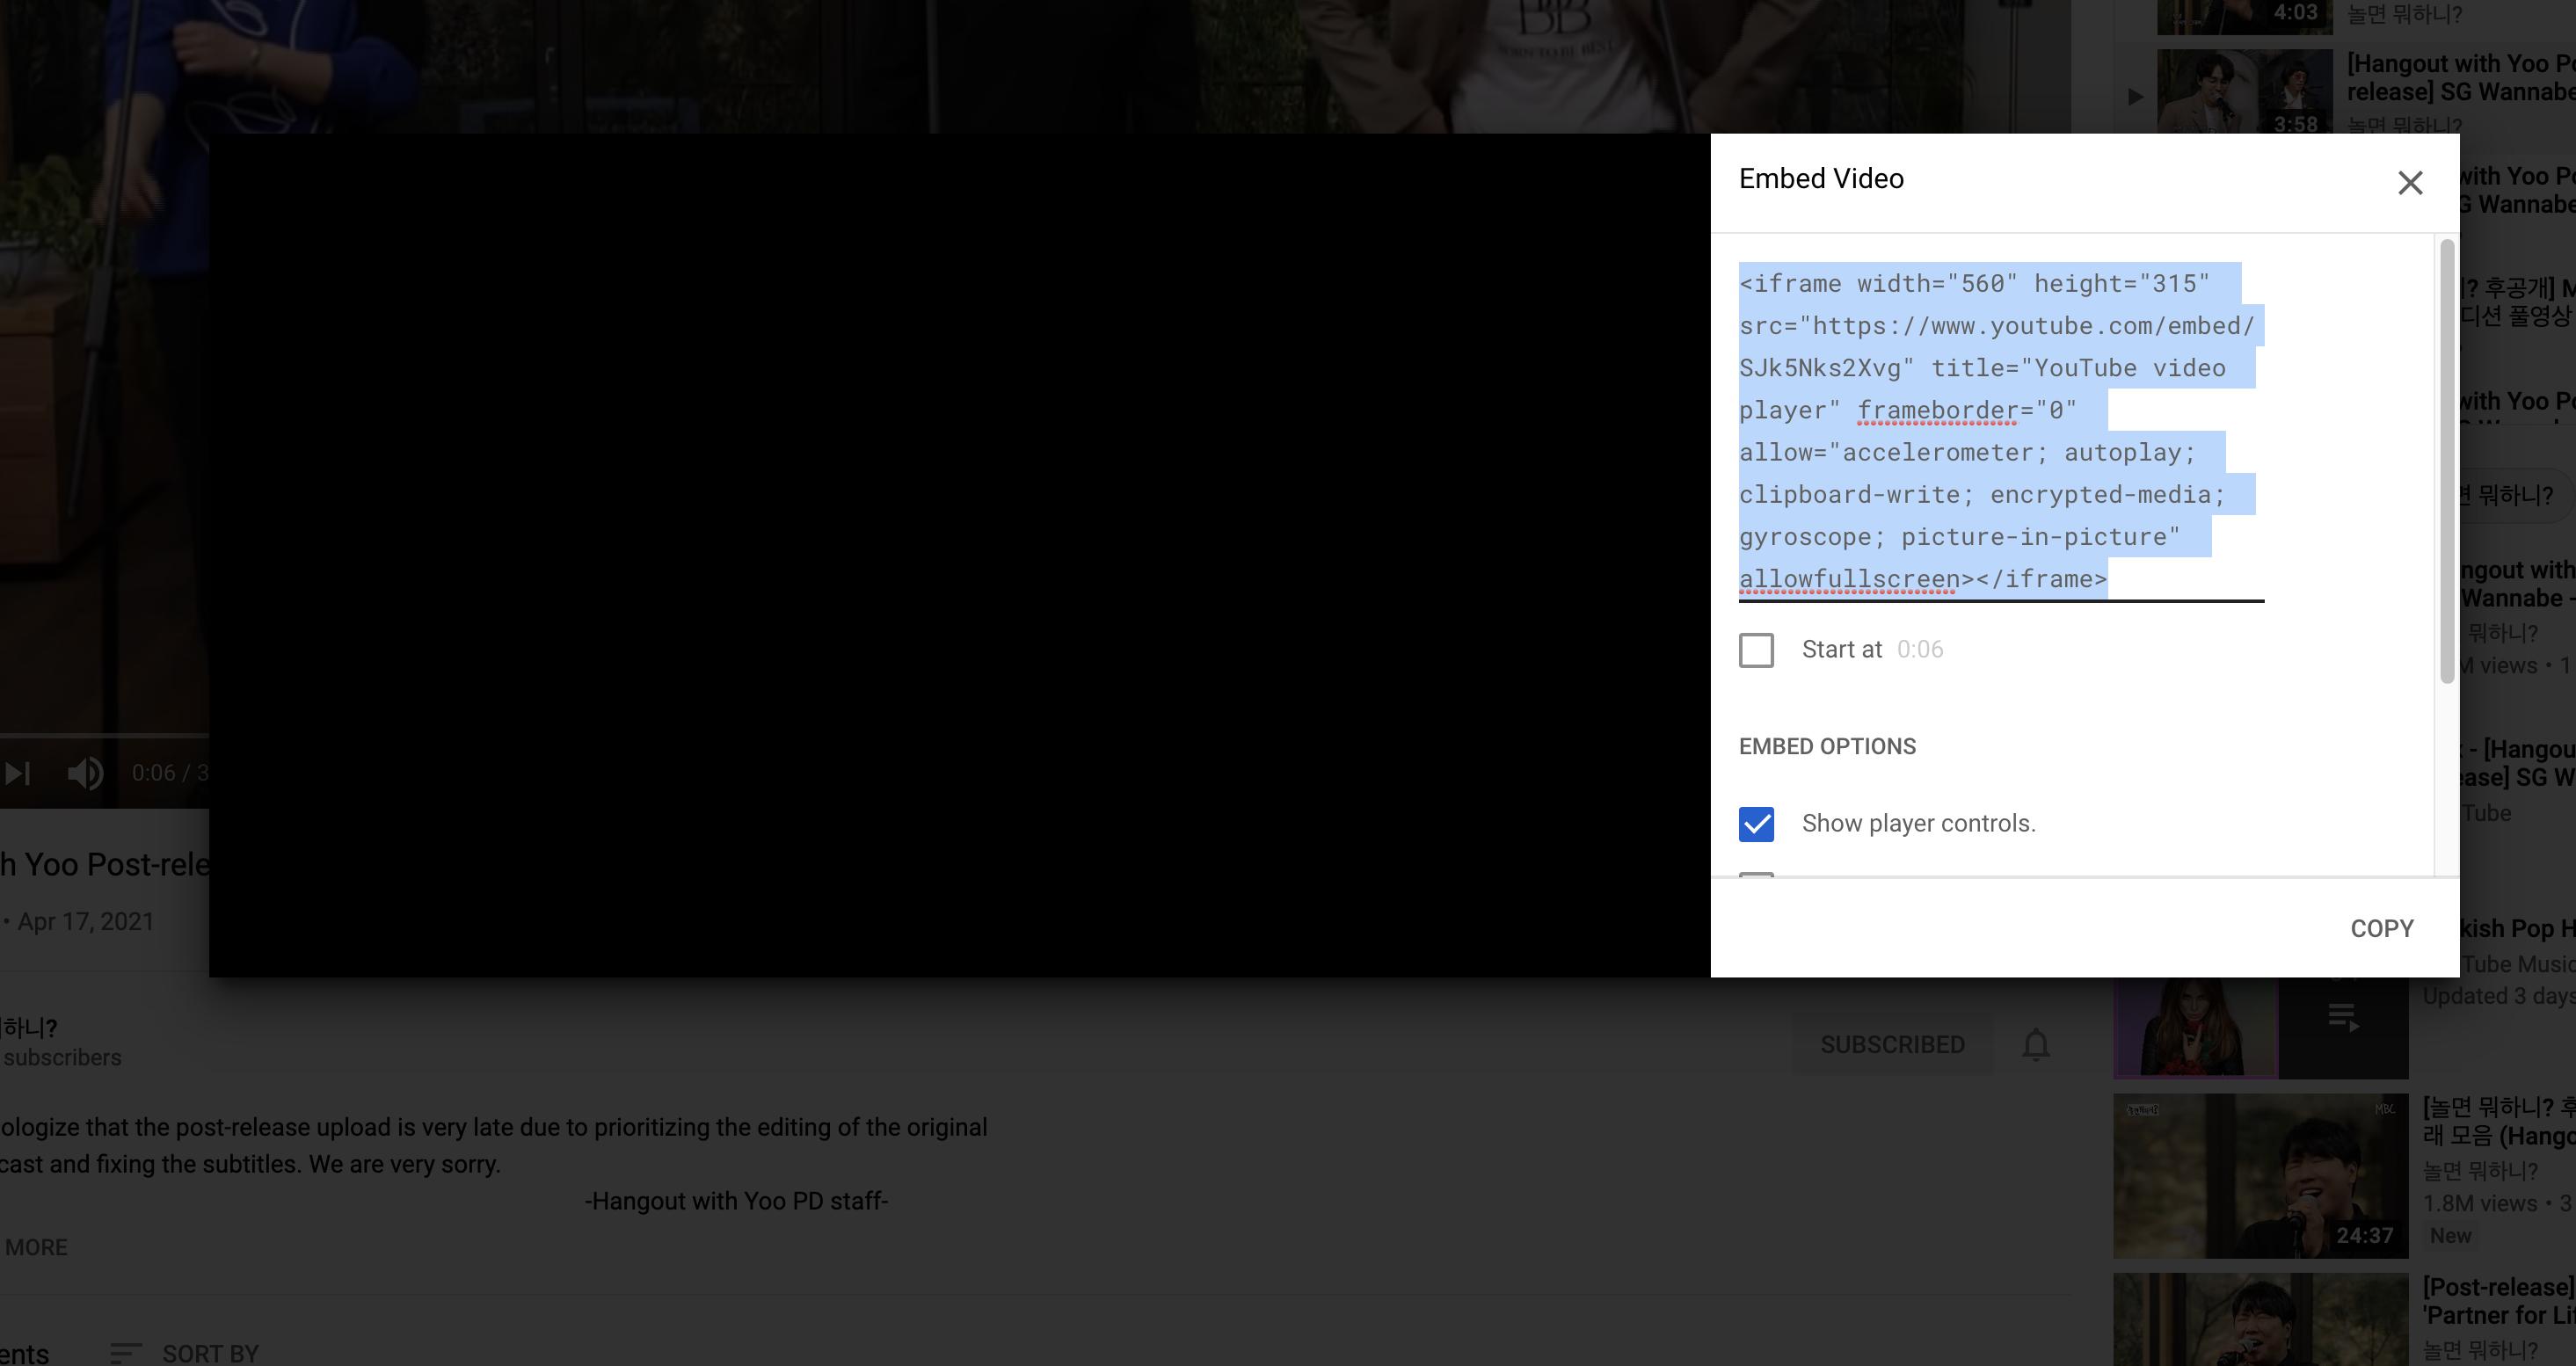 Screen Shot 2021-04-26 at 4.07.34 PM.png